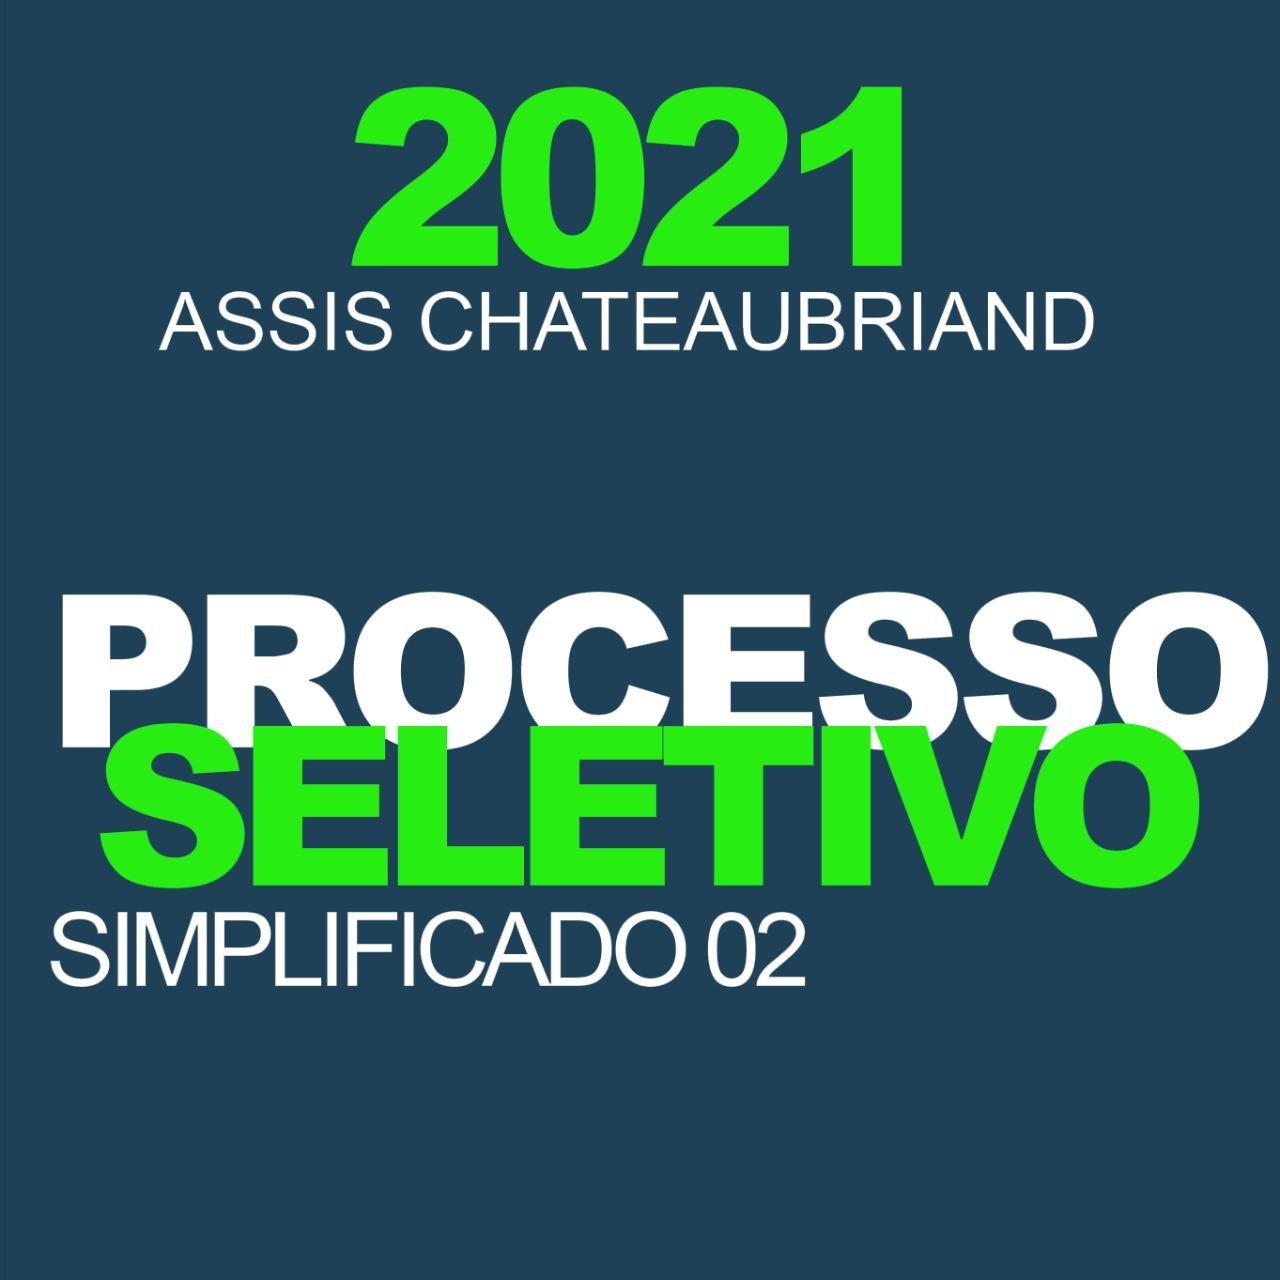 Município de Assis Chateaubriand divulga classificação preliminar do PSS-2